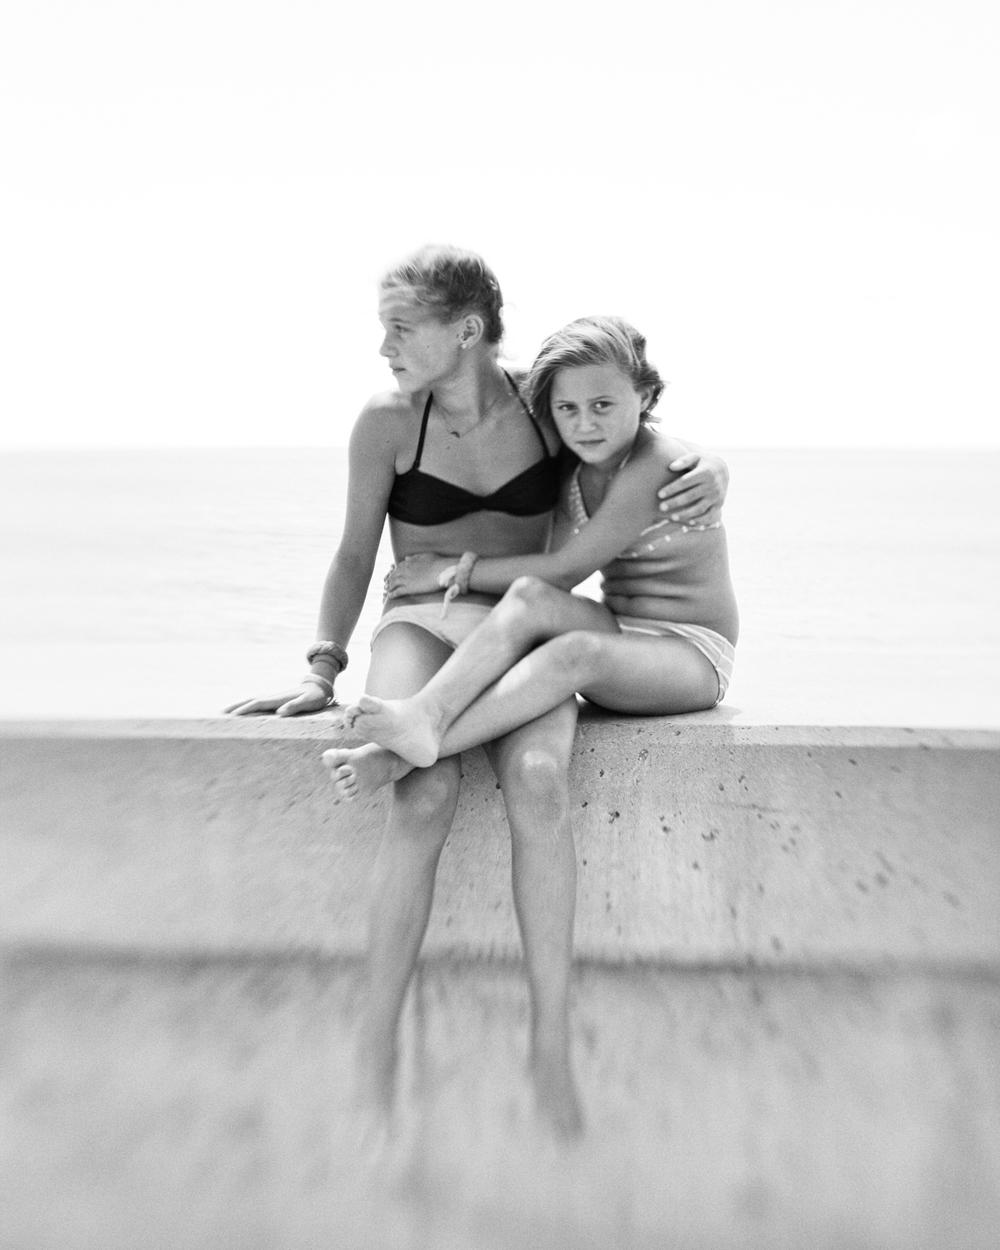 081513-emisa-beach-7361.jpg